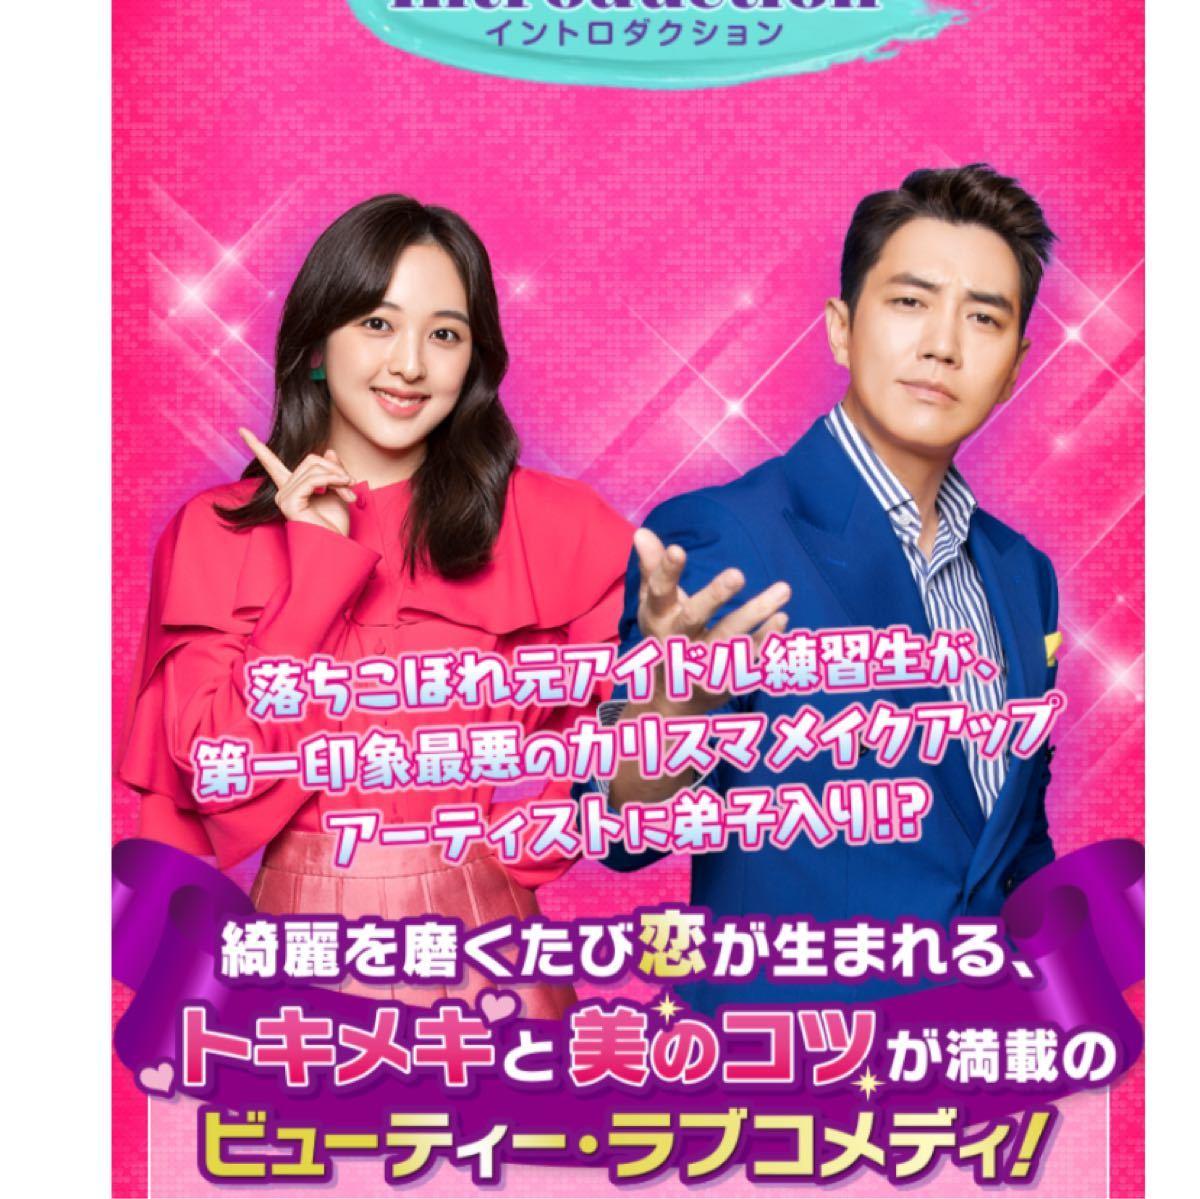 ※サービス価格!☆韓国ドラマ☆『タッチー恋のメイクアップレッスン』 Blu-ray  全話 クリアケース入